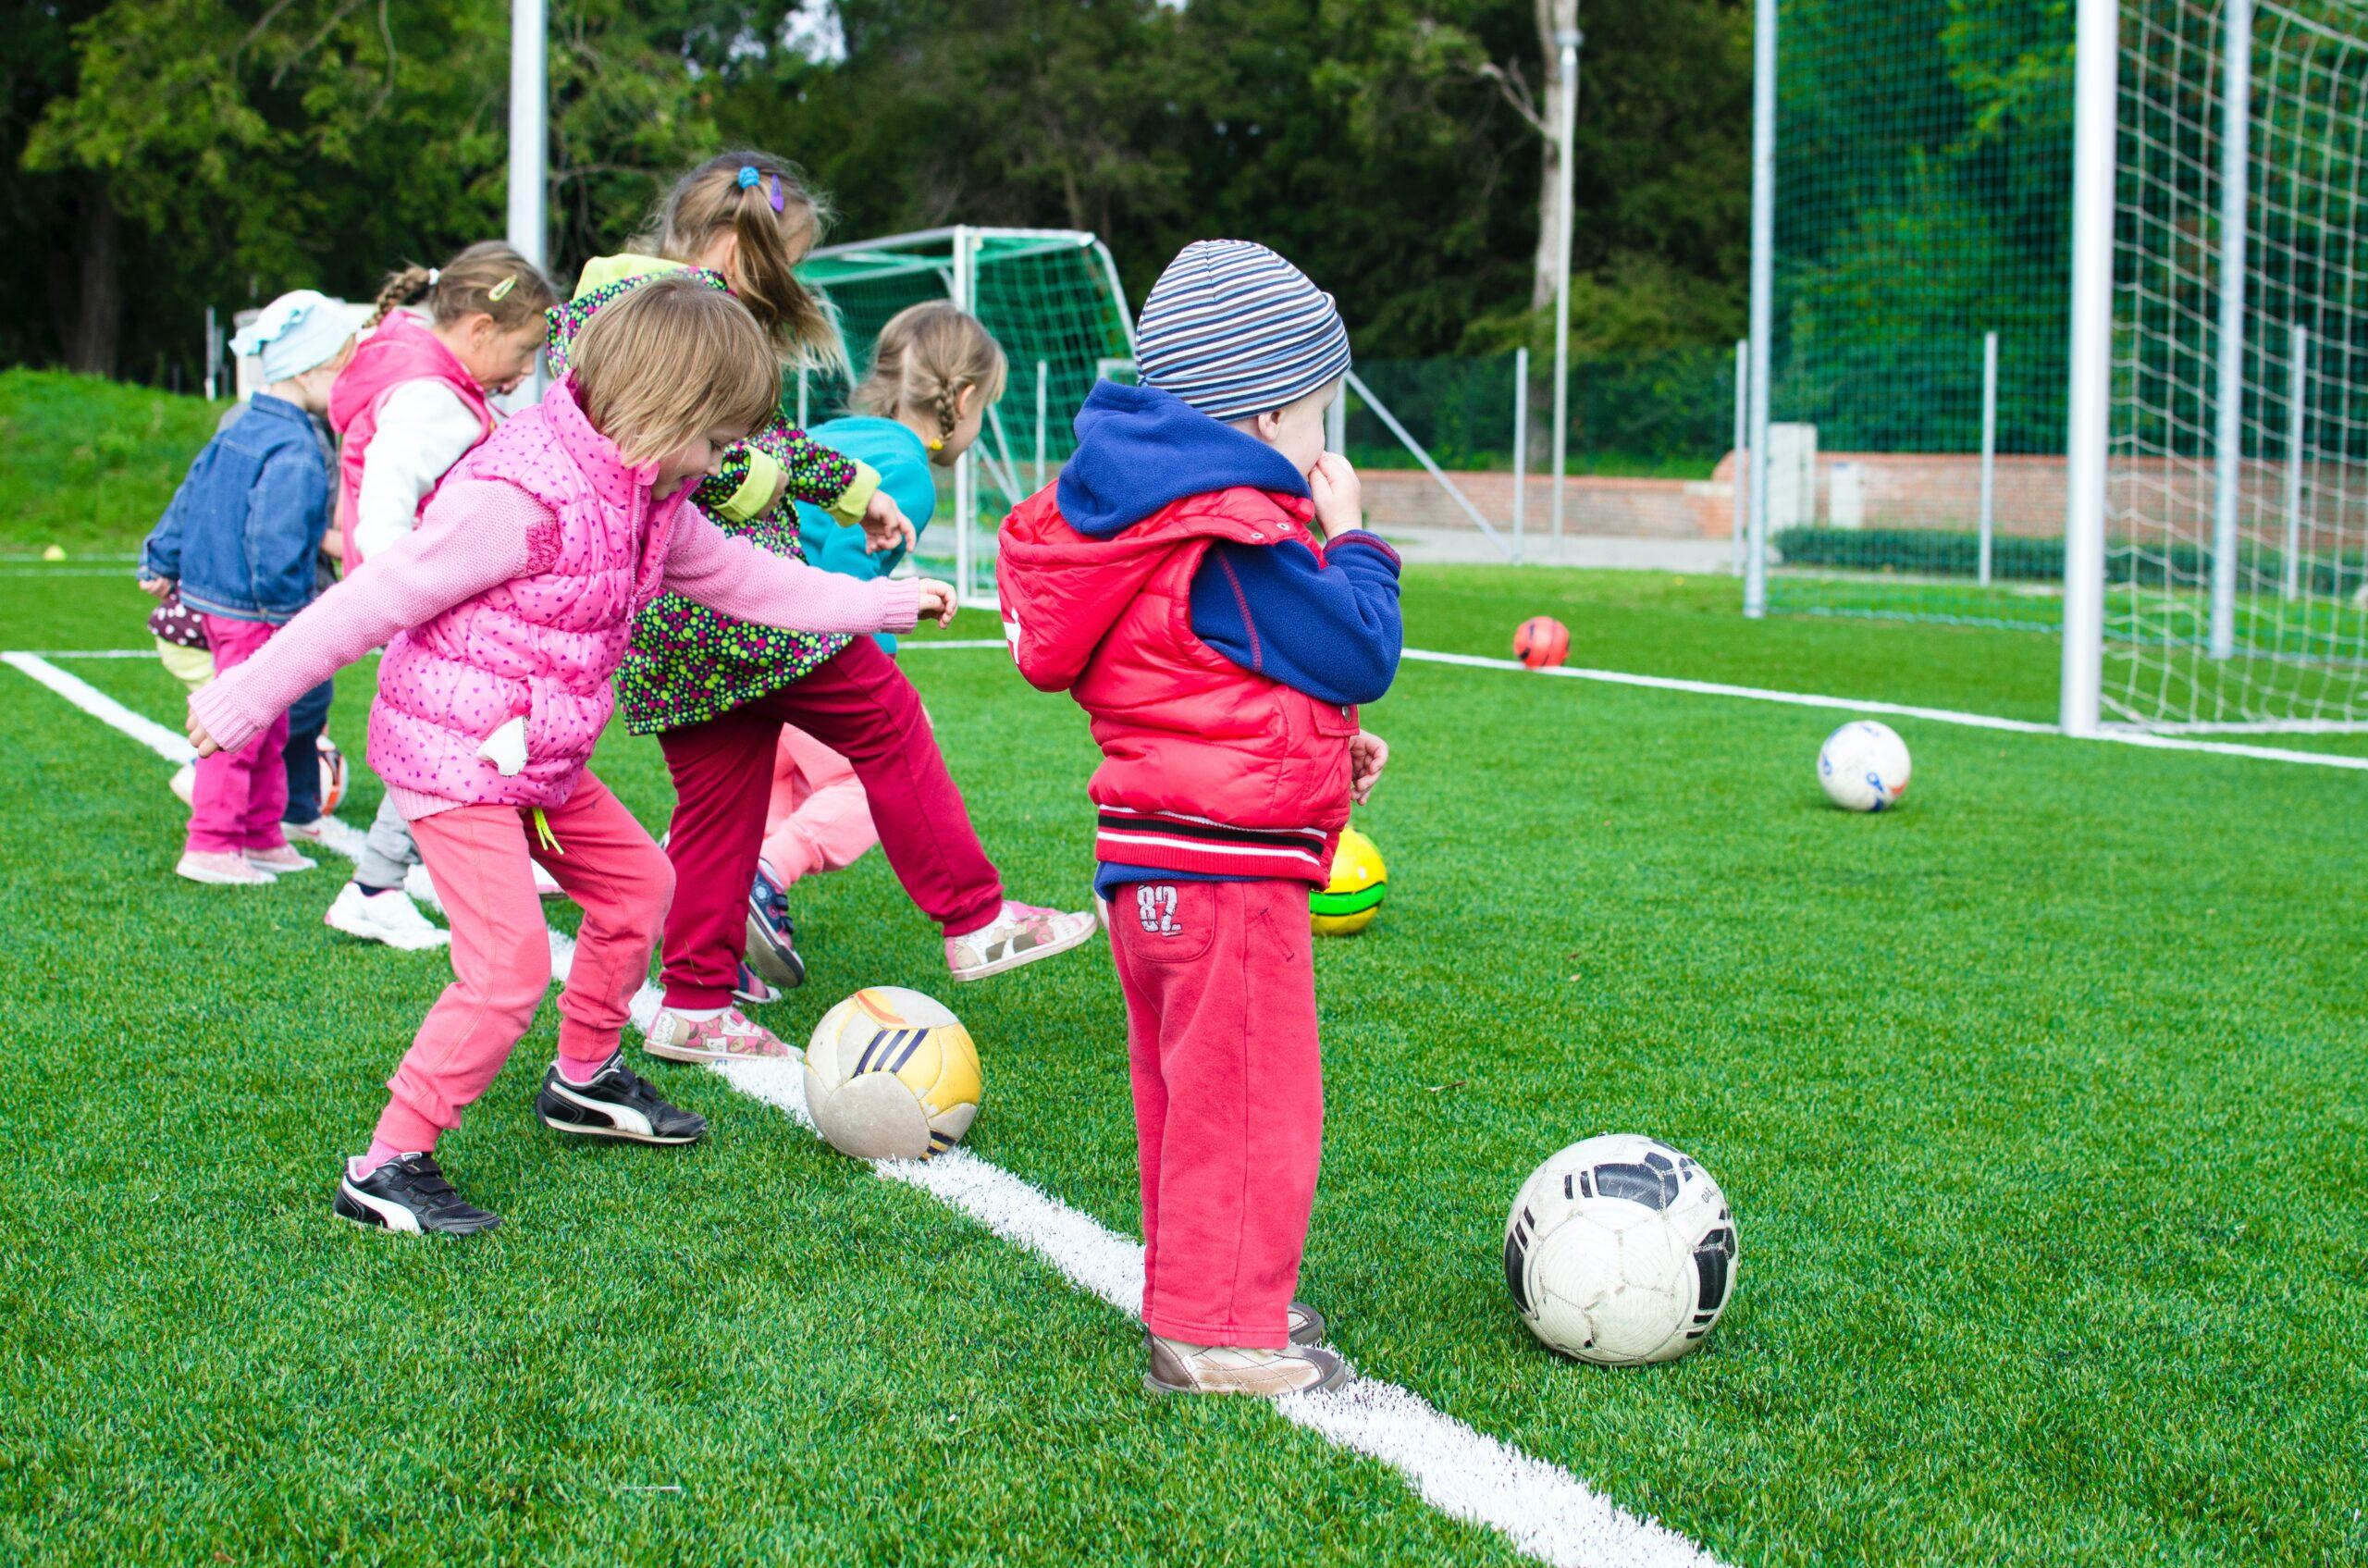 Nens jugant a la pilota en un camp de futbol